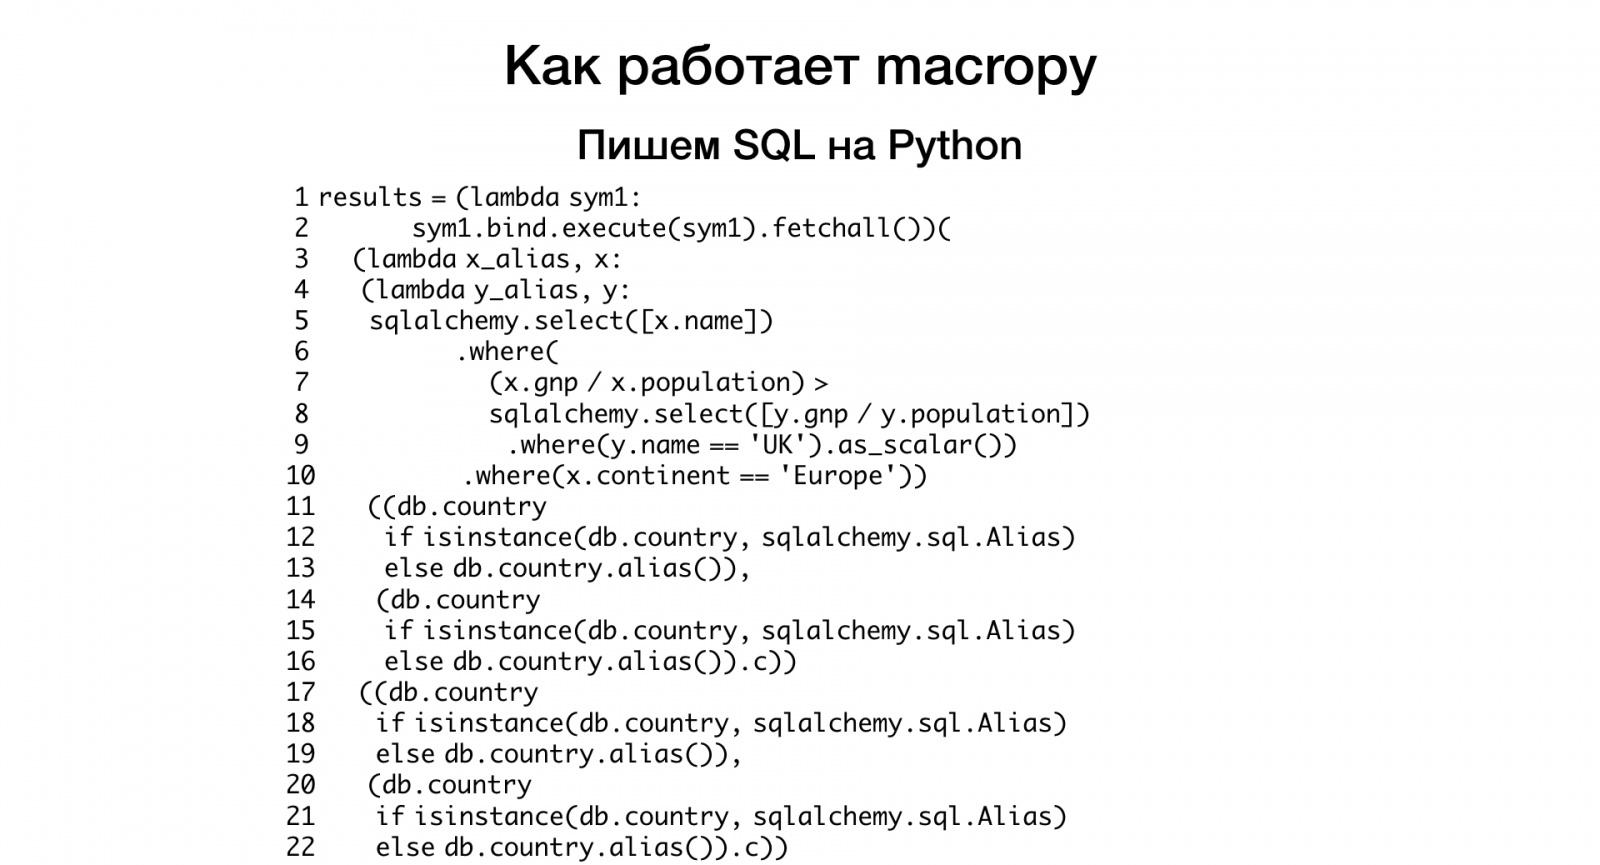 Макросы для питониста. Доклад Яндекса - 26